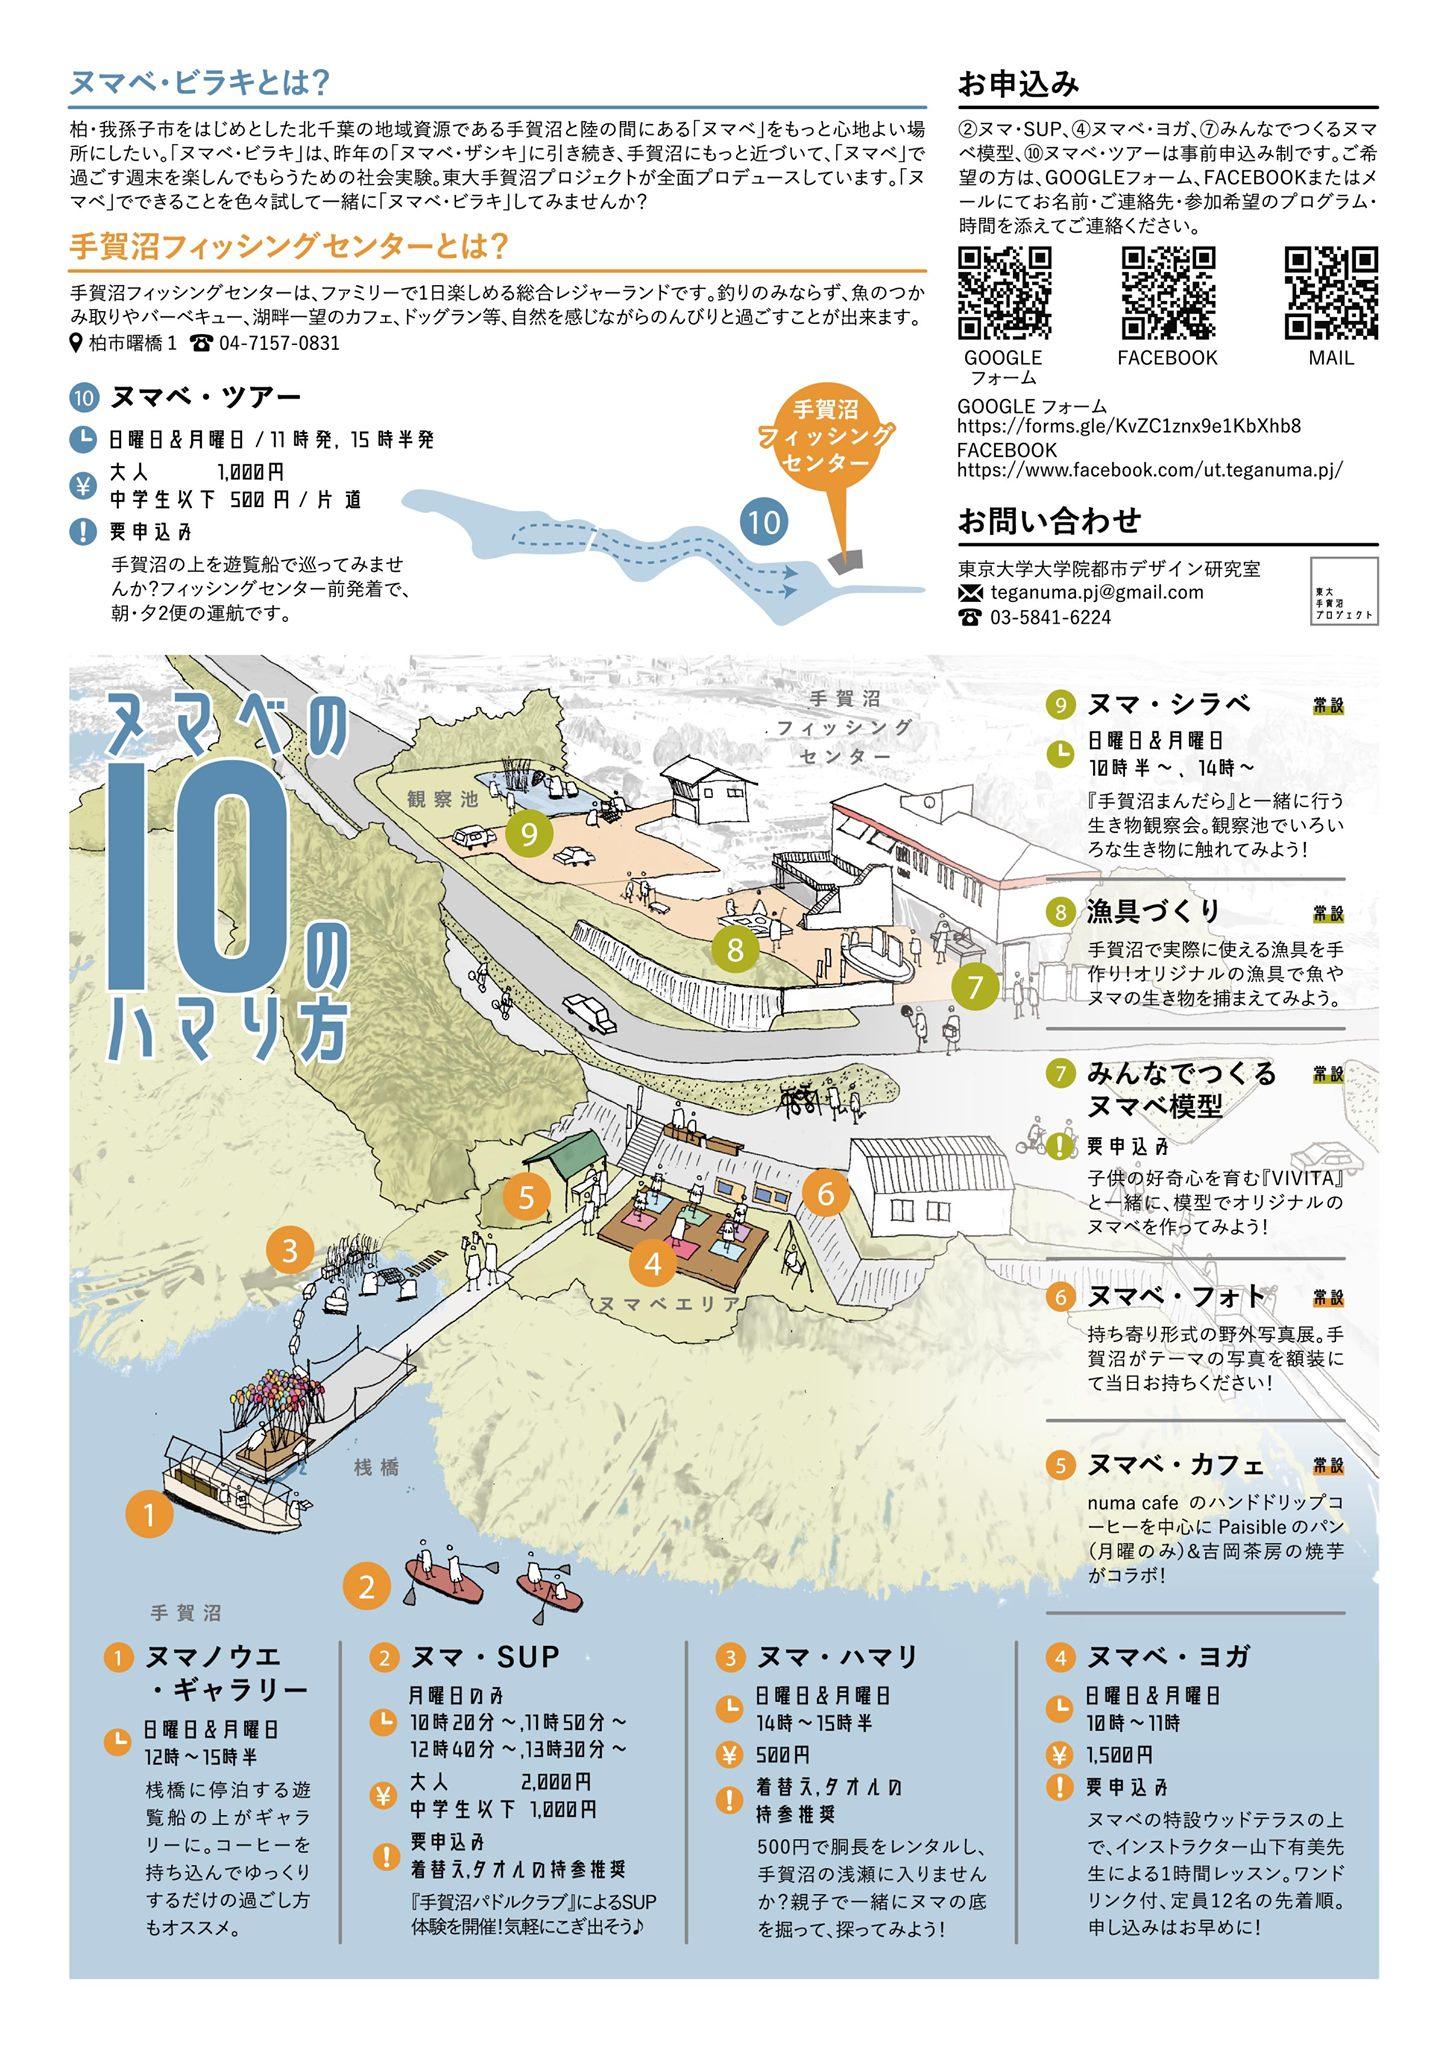 http://ud.t.u-tokyo.ac.jp/blog/_images/numabe2.jpg